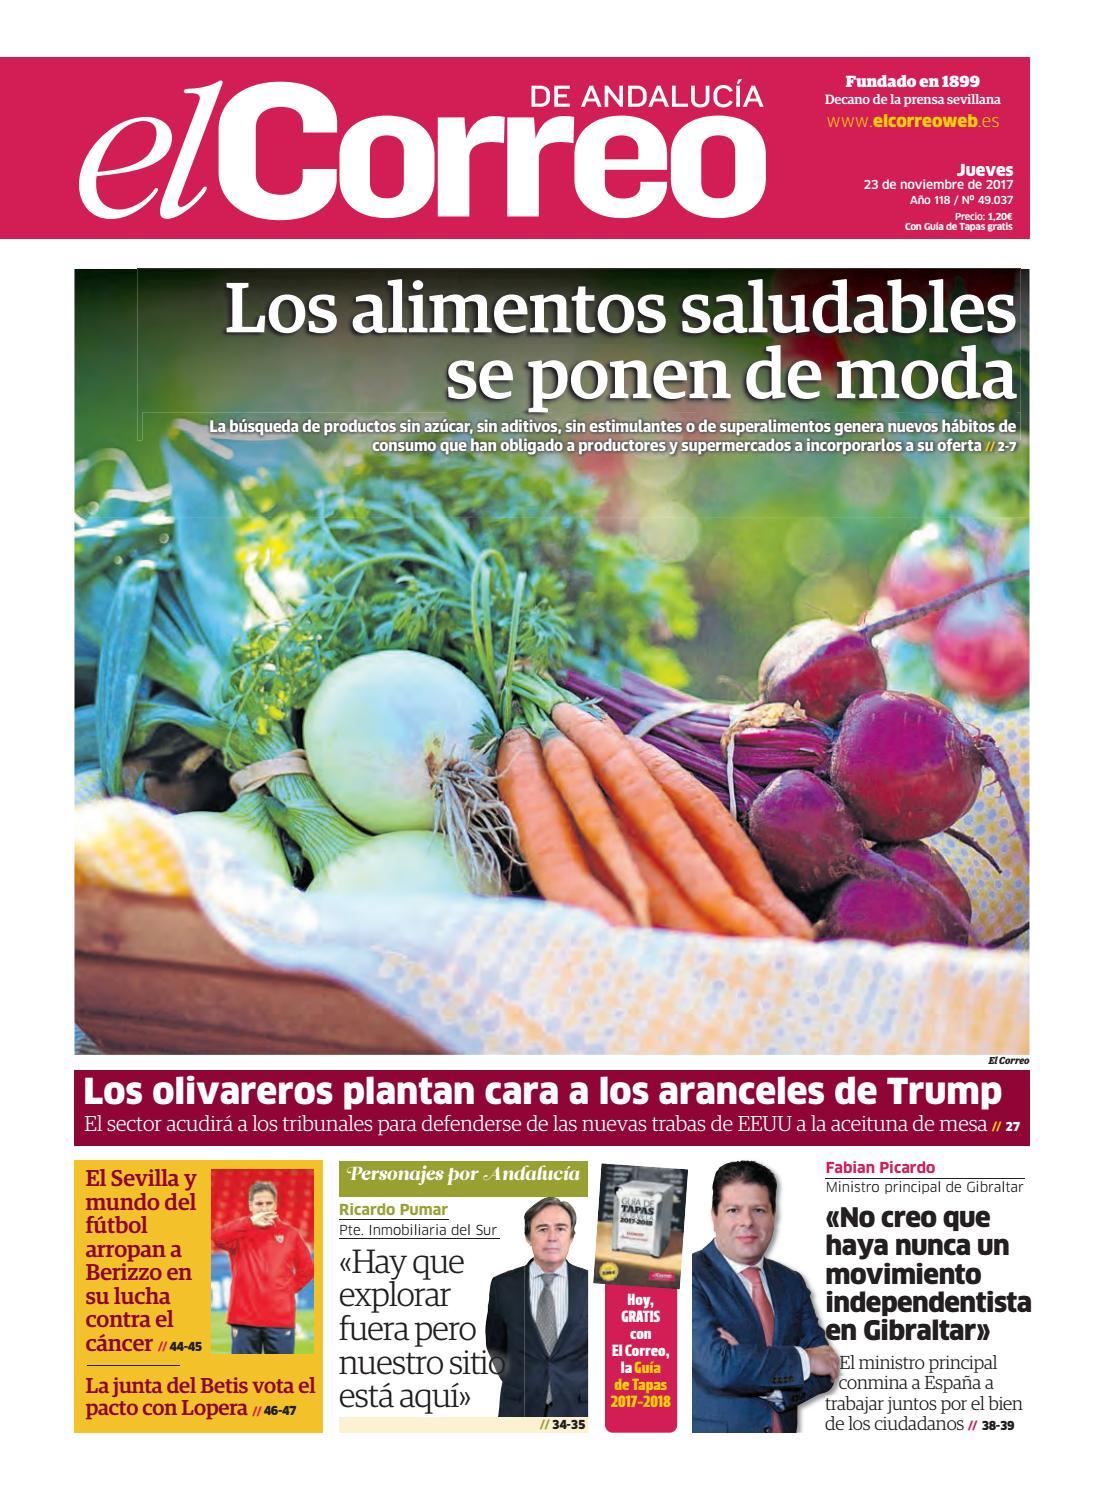 23.11.2017 El Correo de Andalucía by EL CORREO DE ANDALUCÍA S.L. - issuu